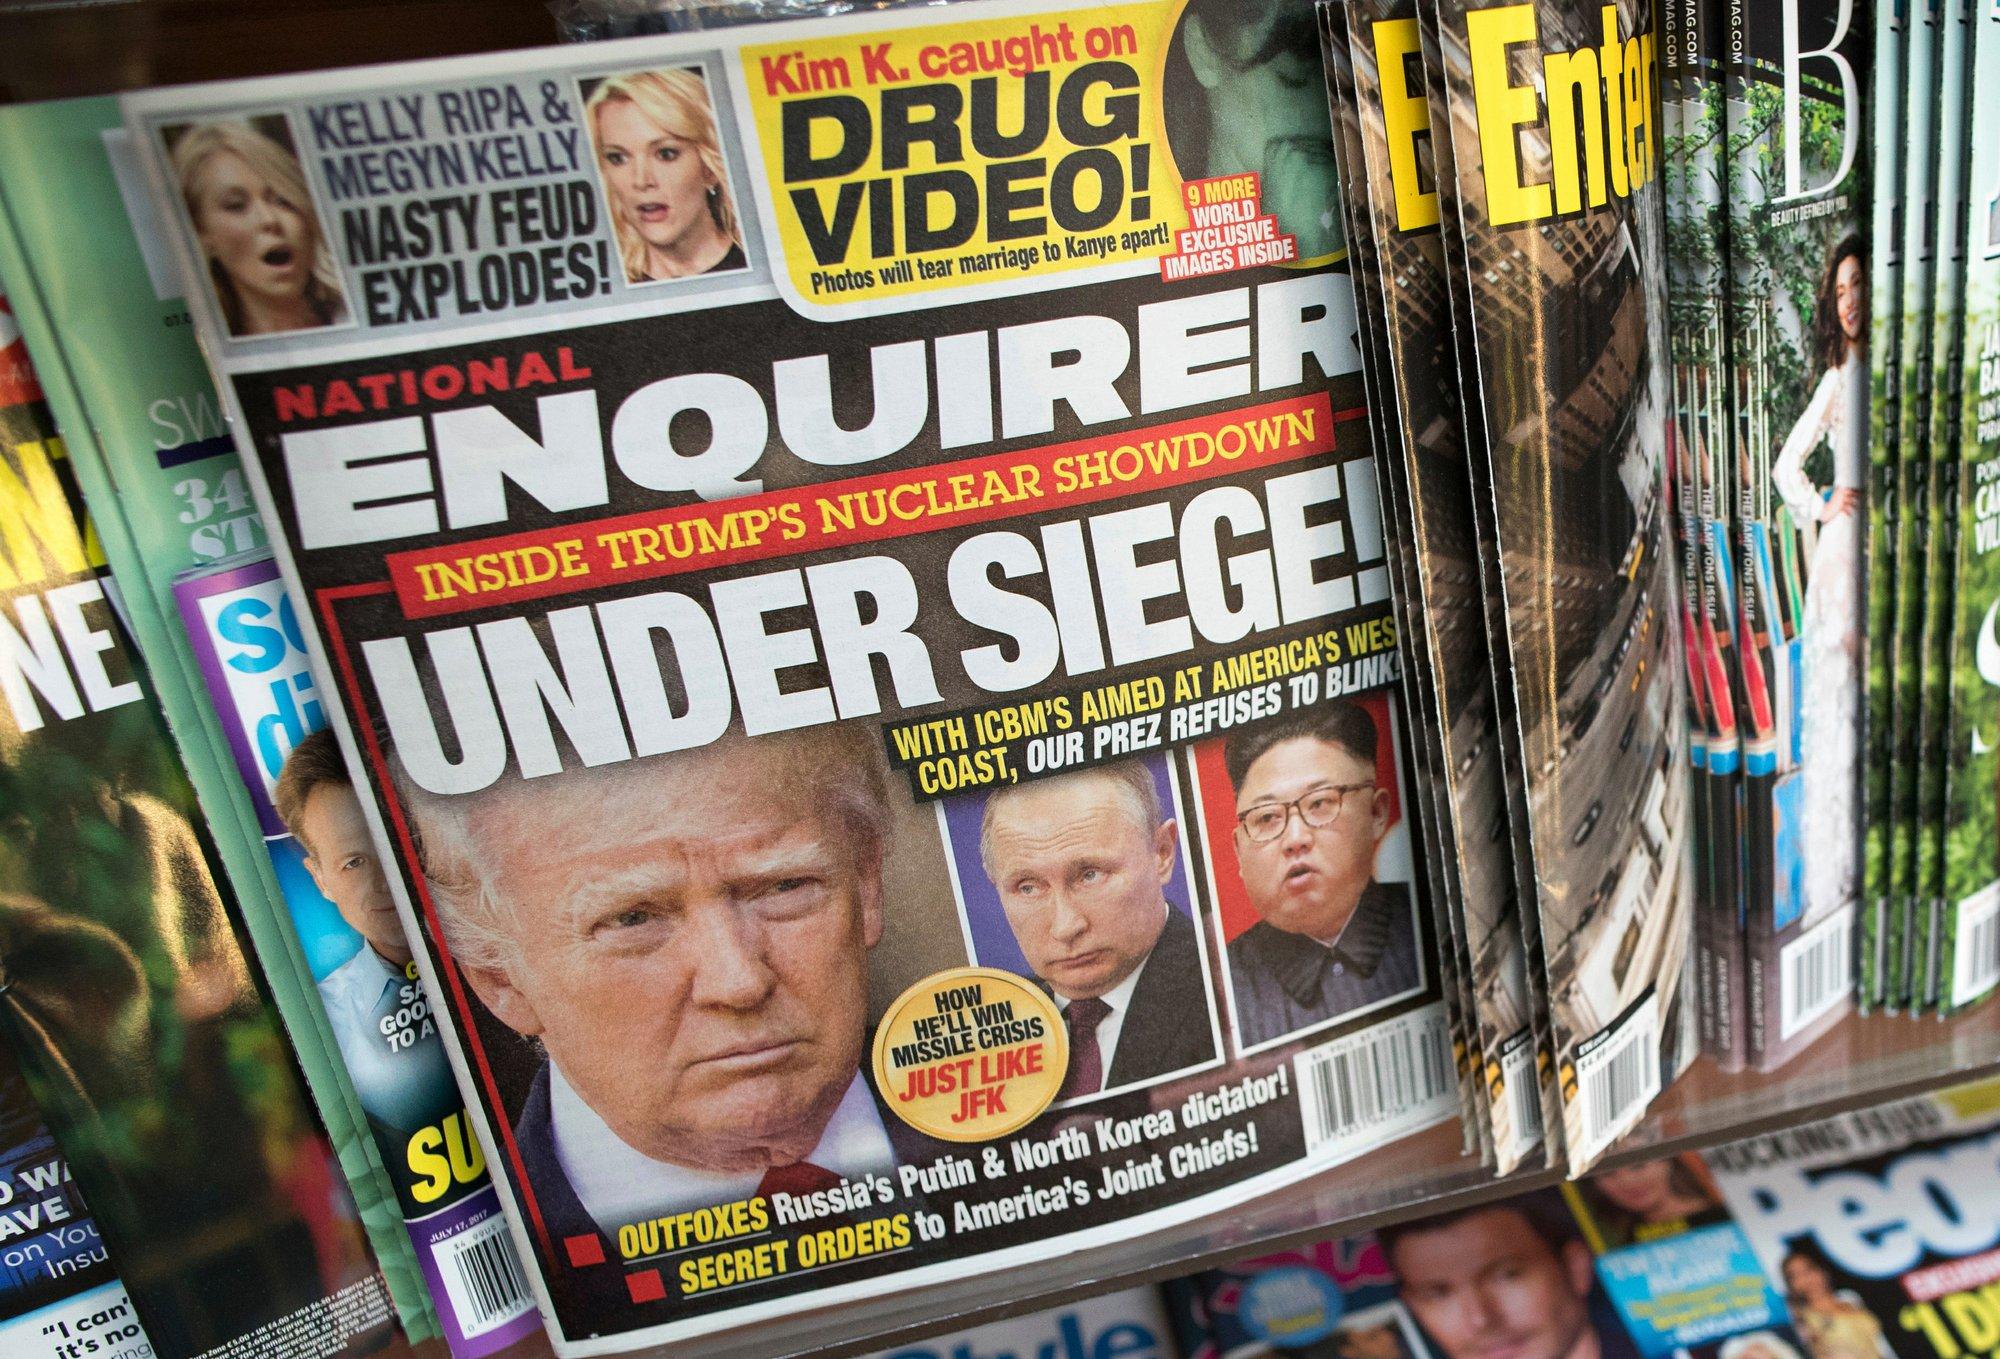 Trump-friendly tabloid sees a decline in circulation